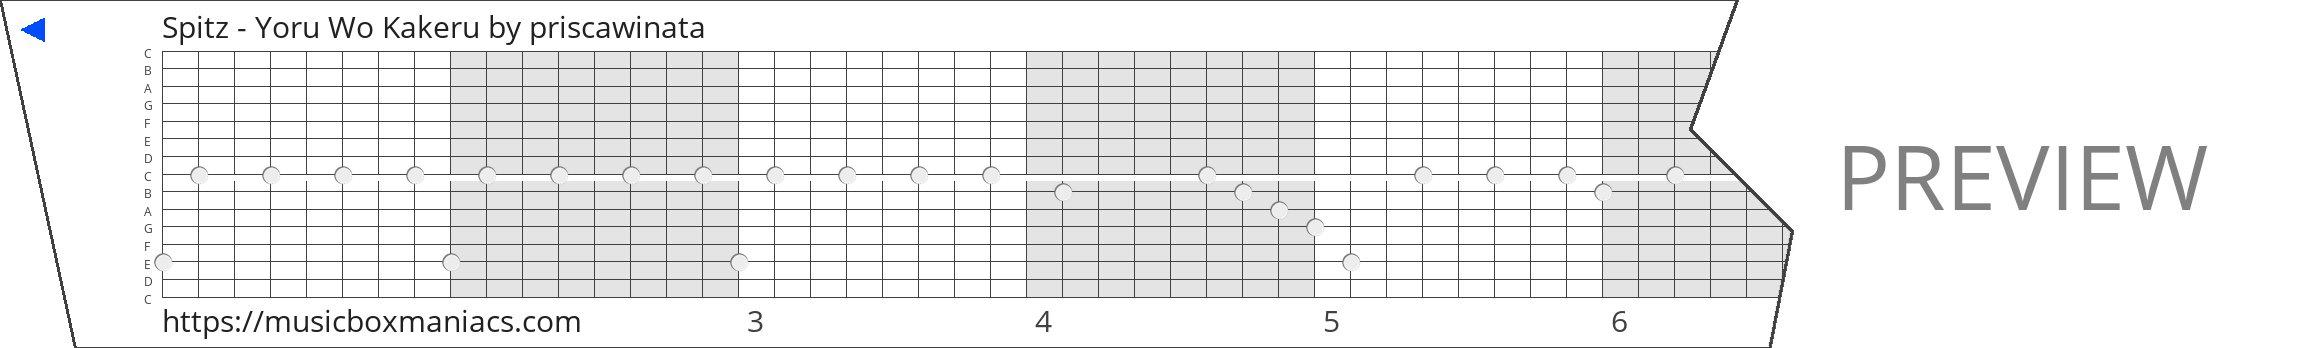 Spitz - Yoru Wo Kakeru 15 note music box paper strip